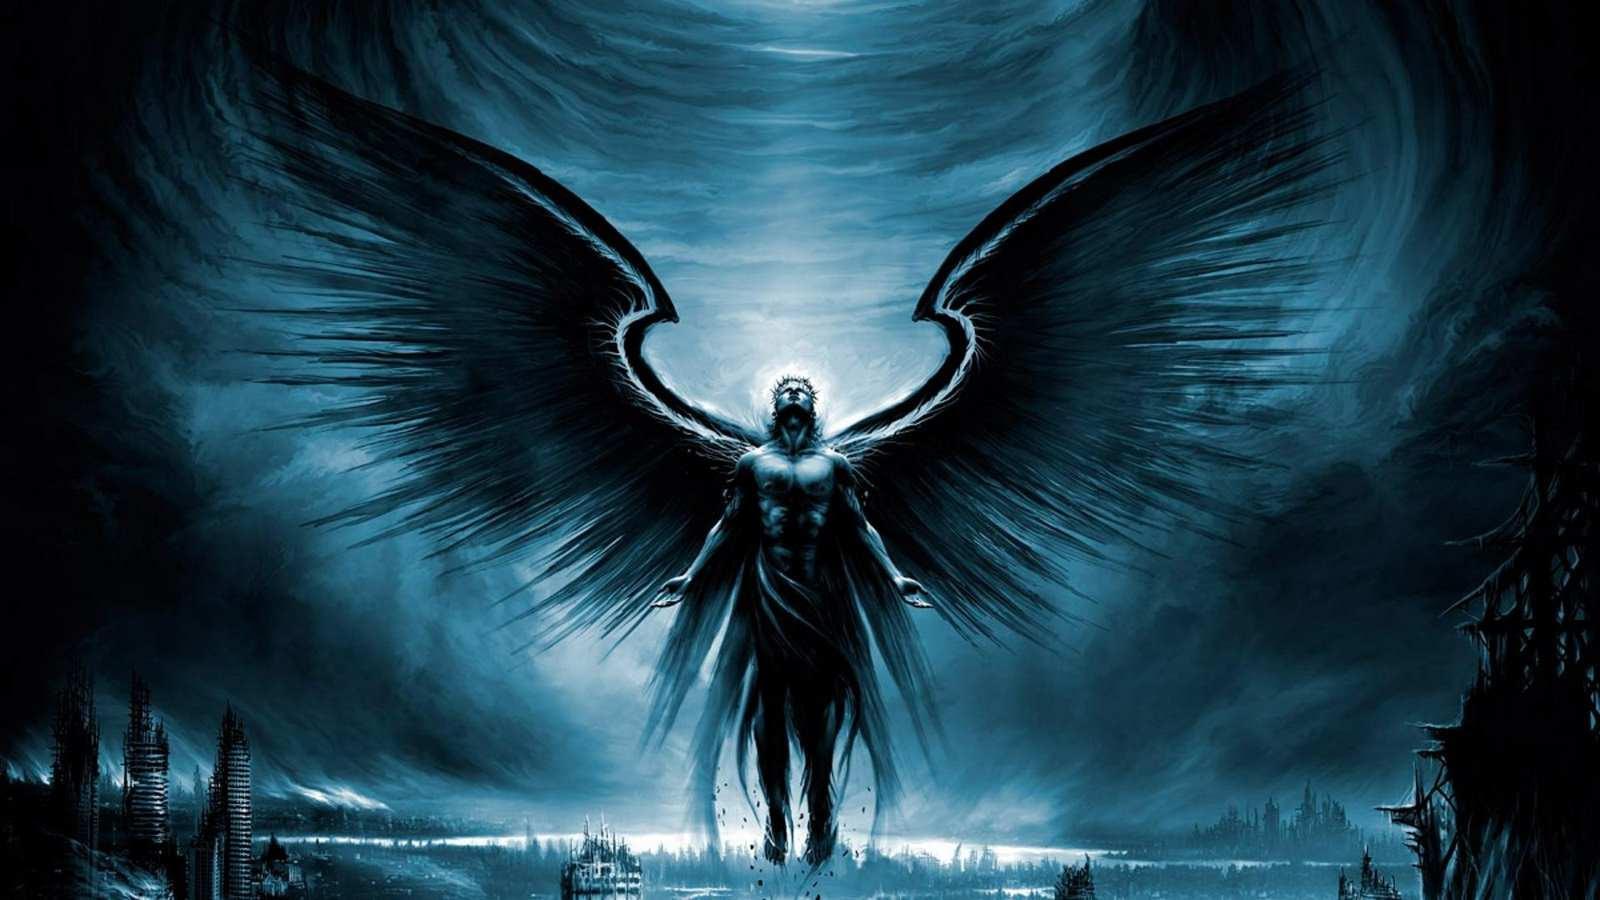 Eagle Man [1600x900]